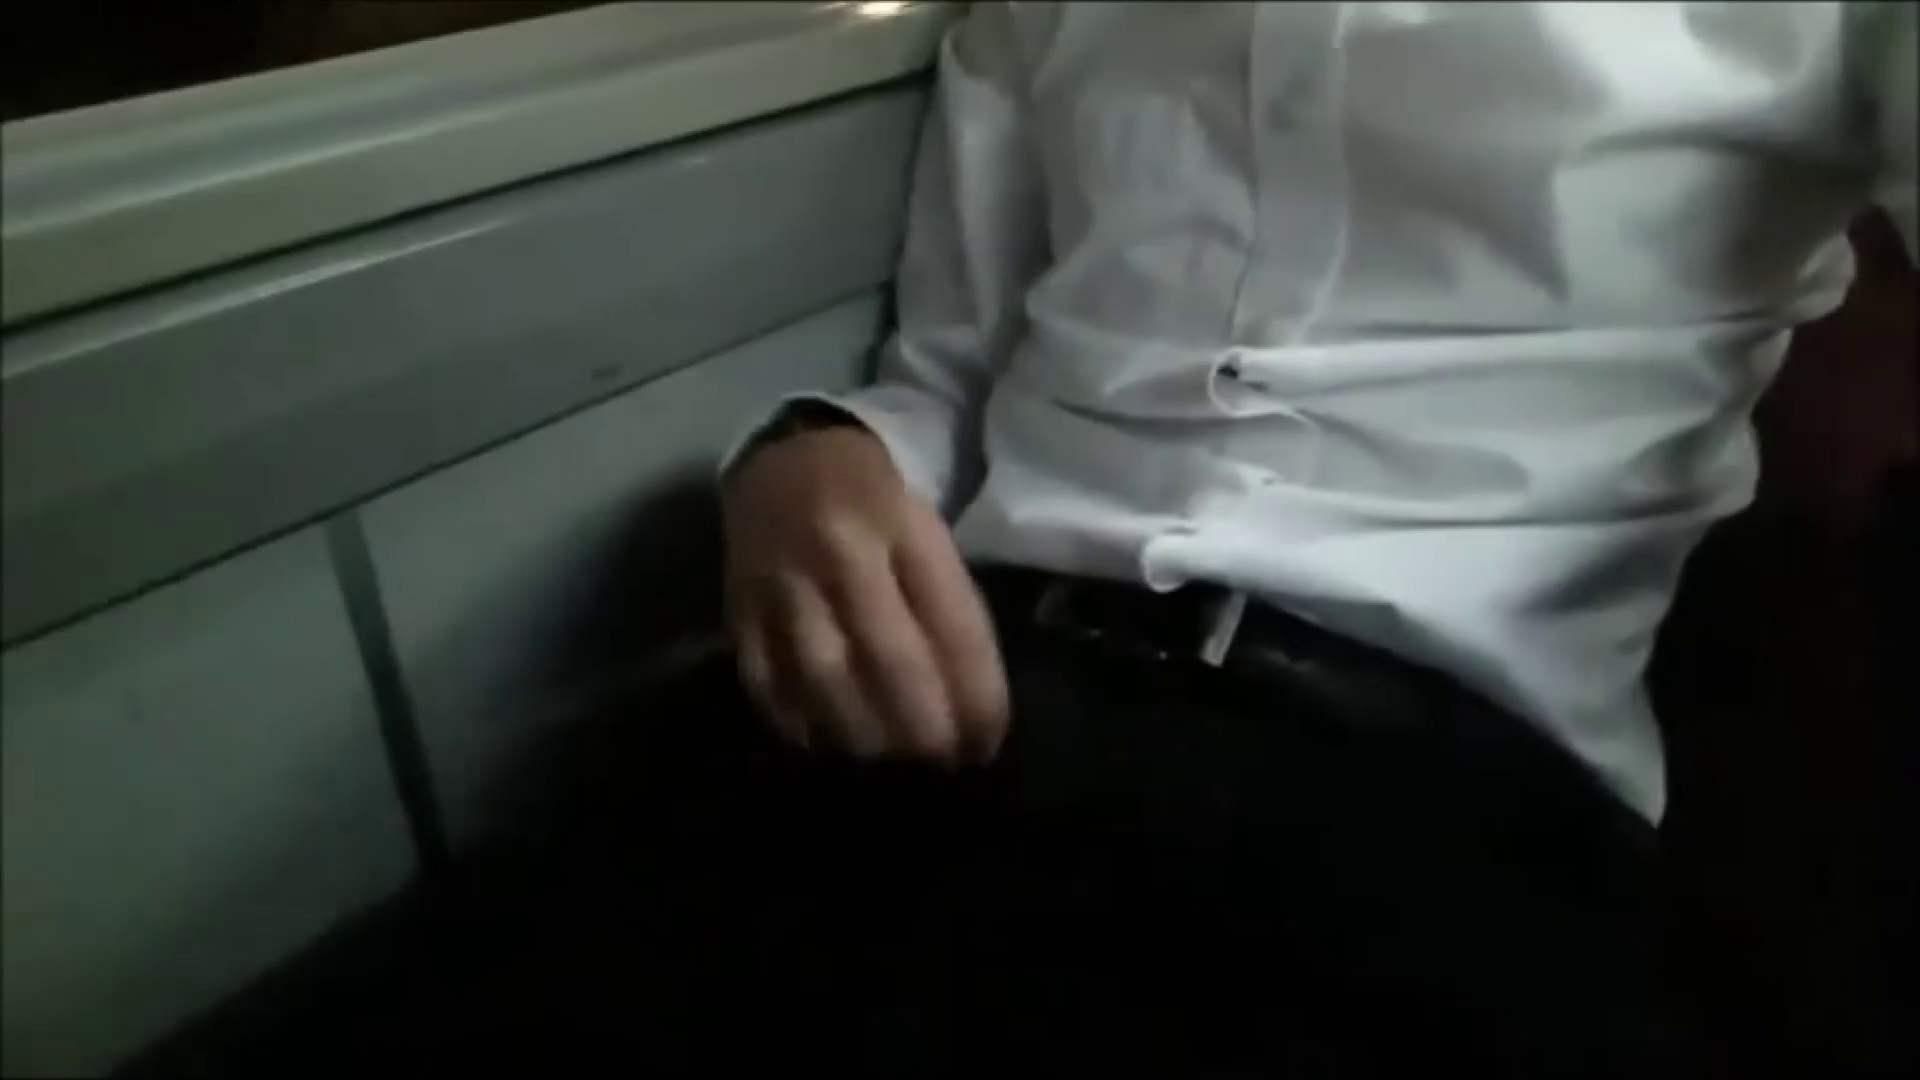 巨根 オナニー塾Vol.13 野外露出 ゲイ素人エロ画像 102枚 15